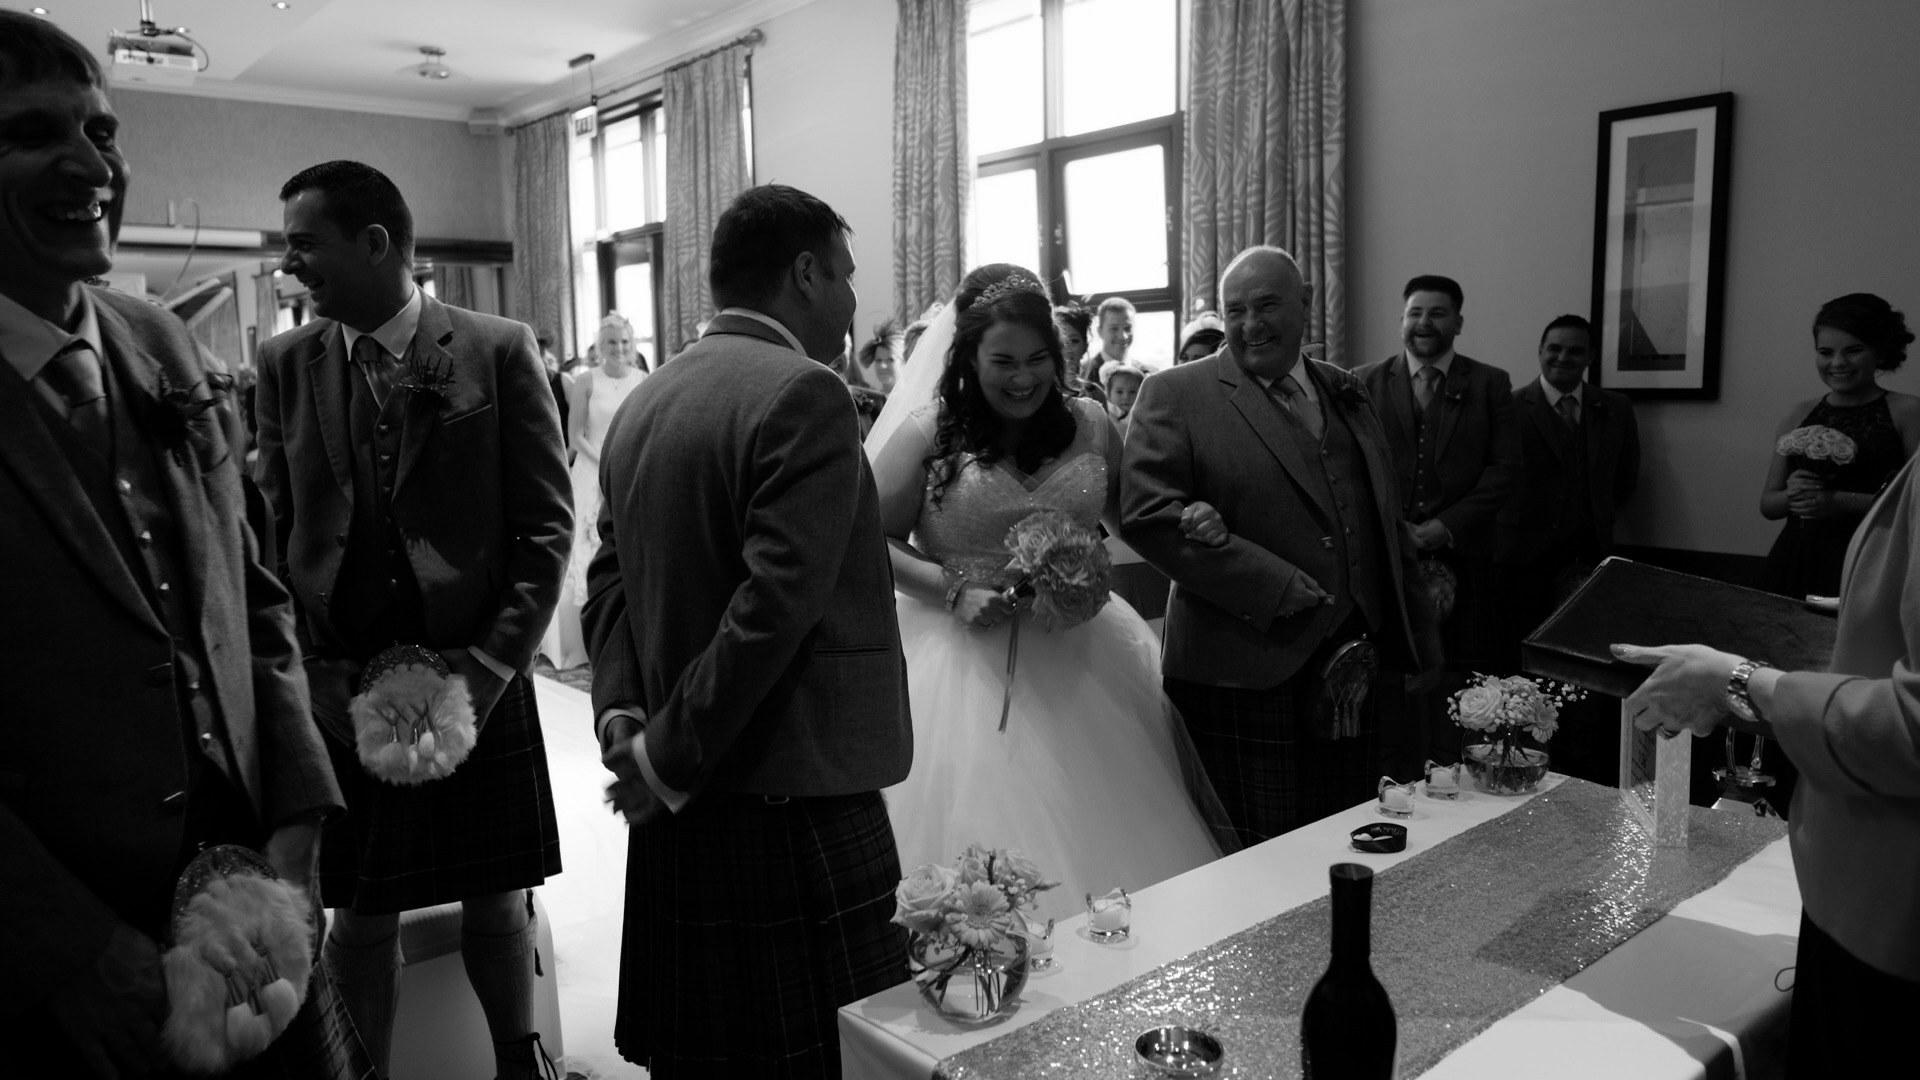 BUCHAN-BRAES-JULY-WEDDING (11).jpg